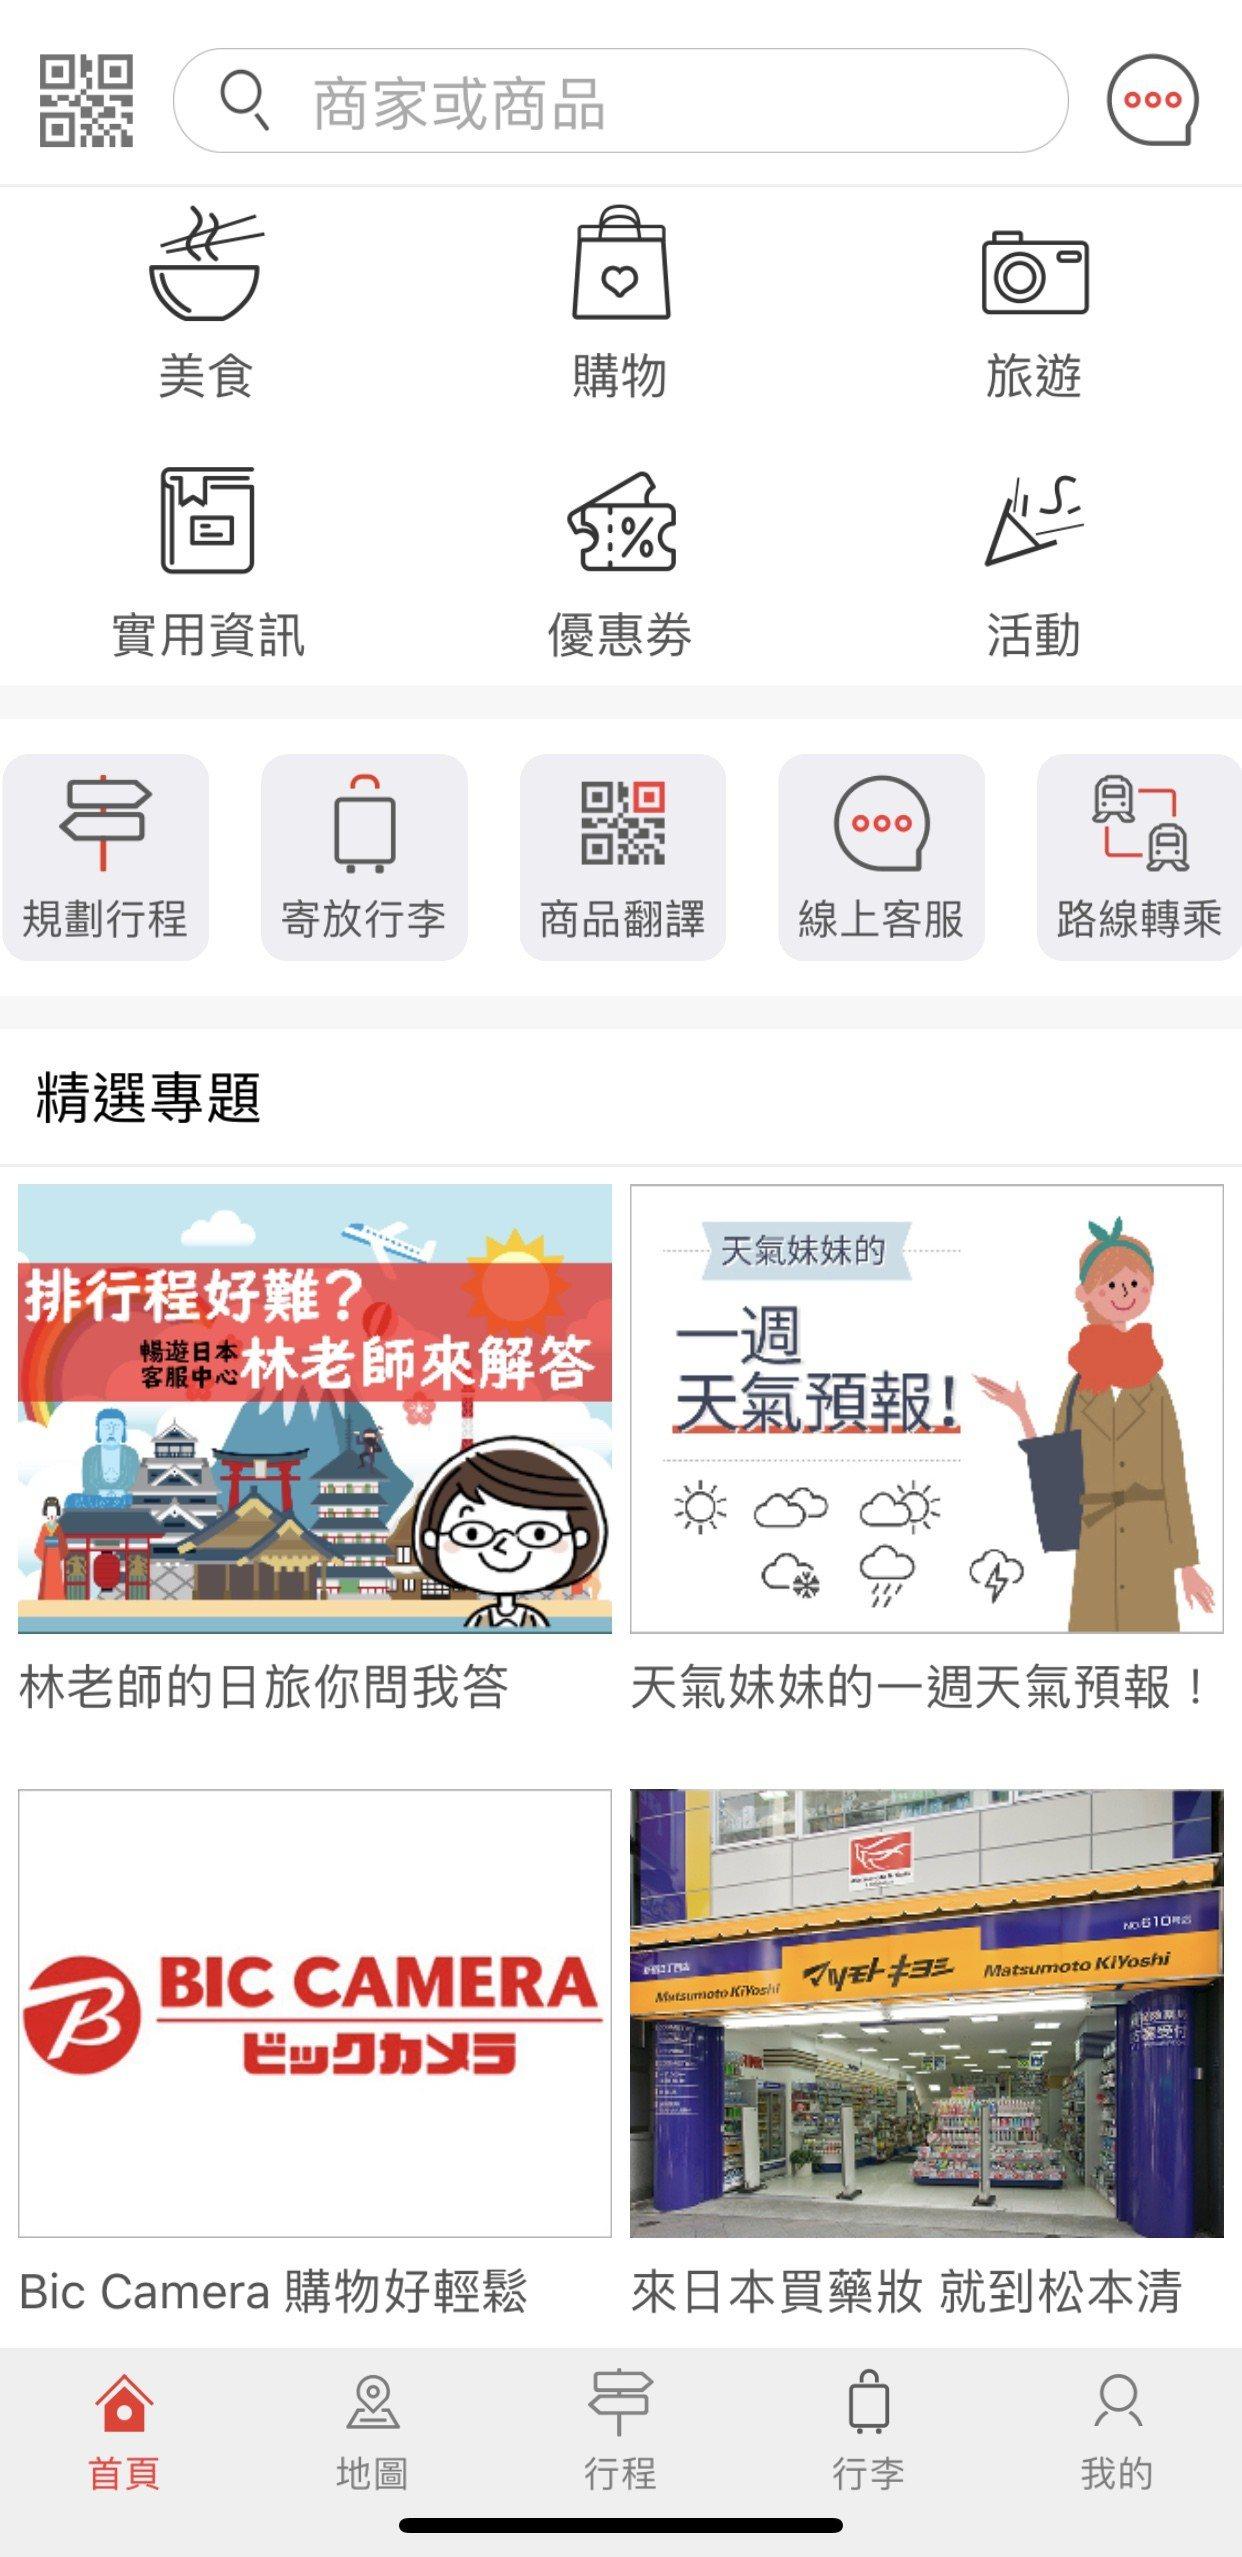 「暢遊日本」App一站式介面設計,各種功能一目瞭然。圖/App截圖